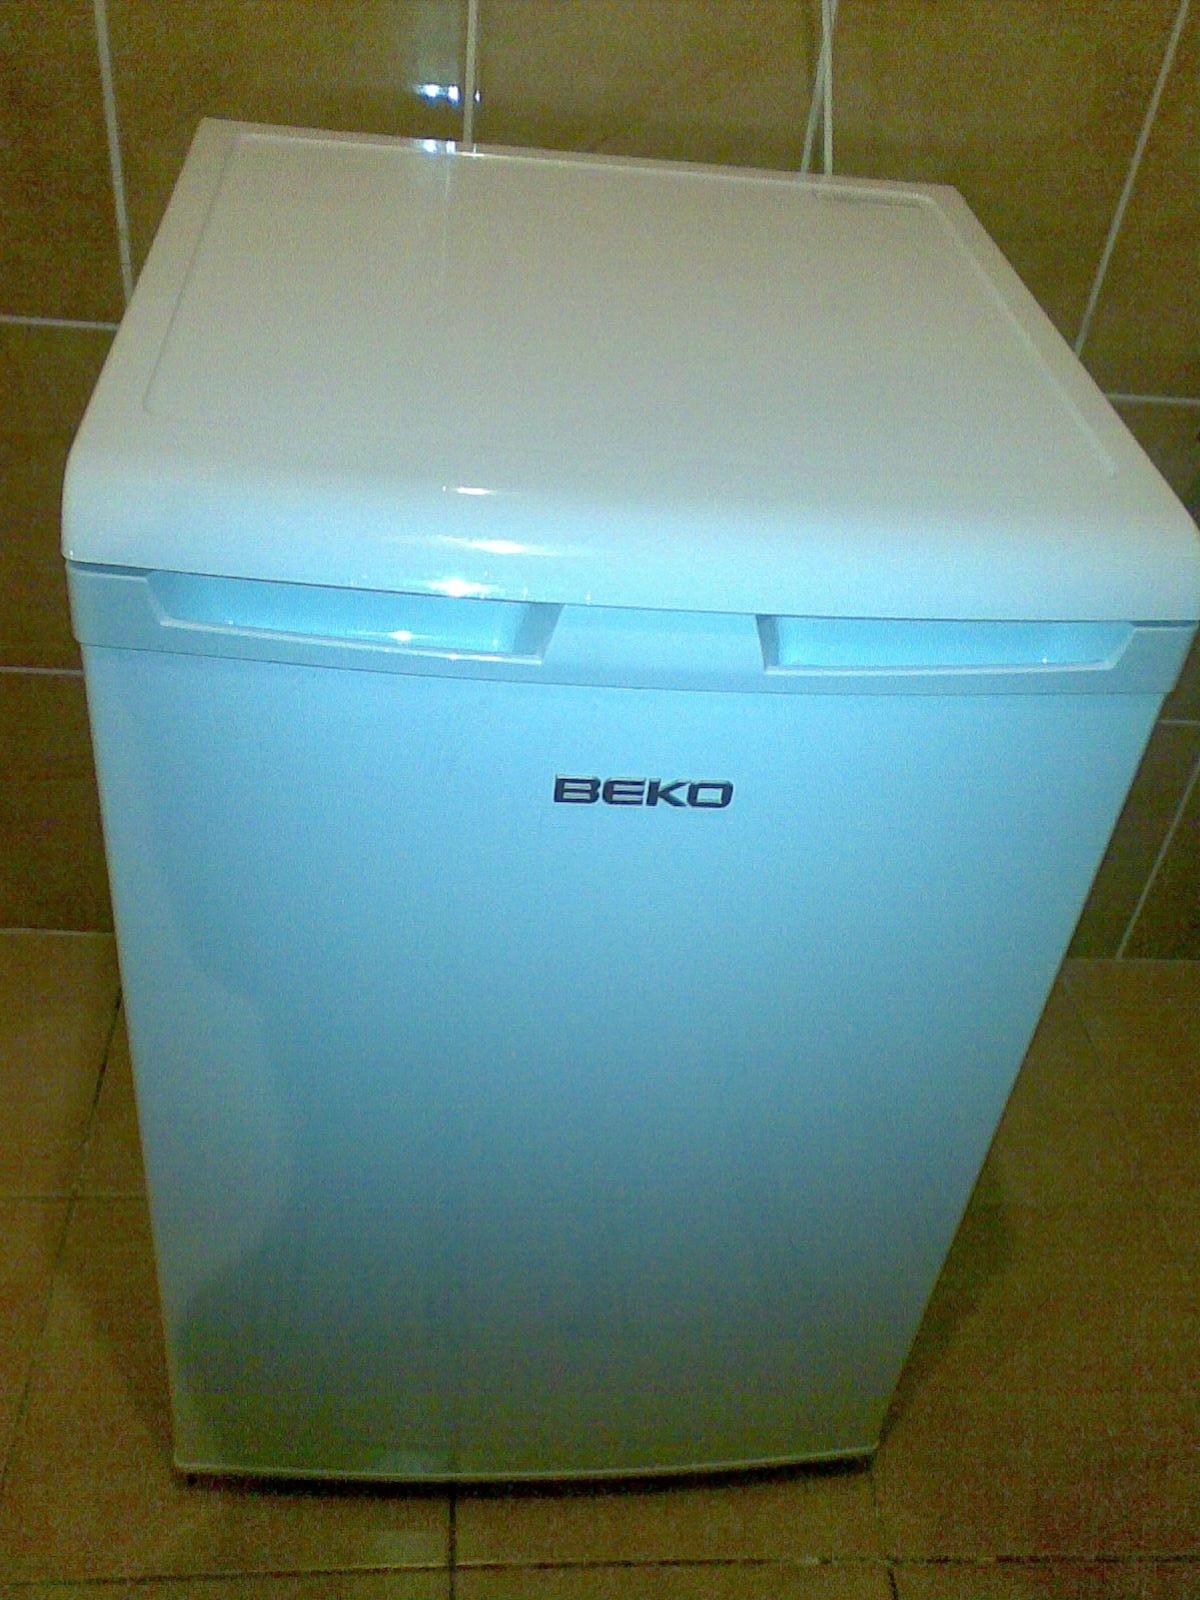 Beko Çamasir Makinesi Beko 7120 T Buzdolabı satılık tertemiz